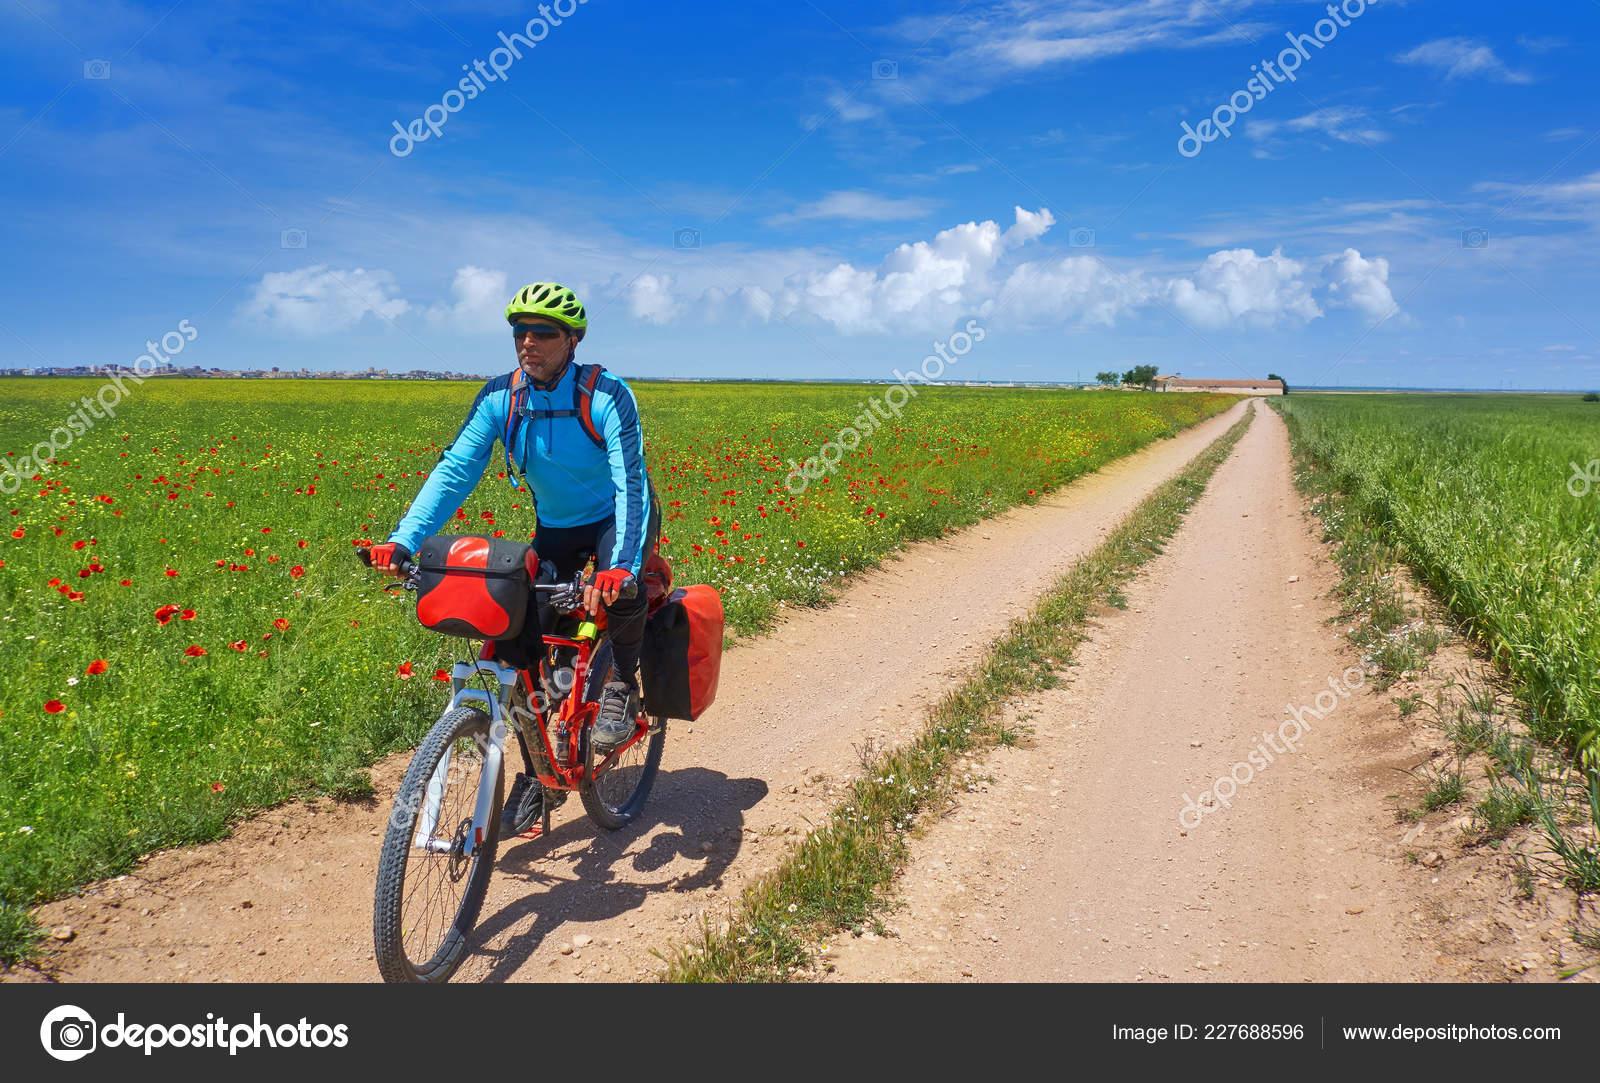 Motociclista Camino Santiago Bicicletta Saint James Levante Della